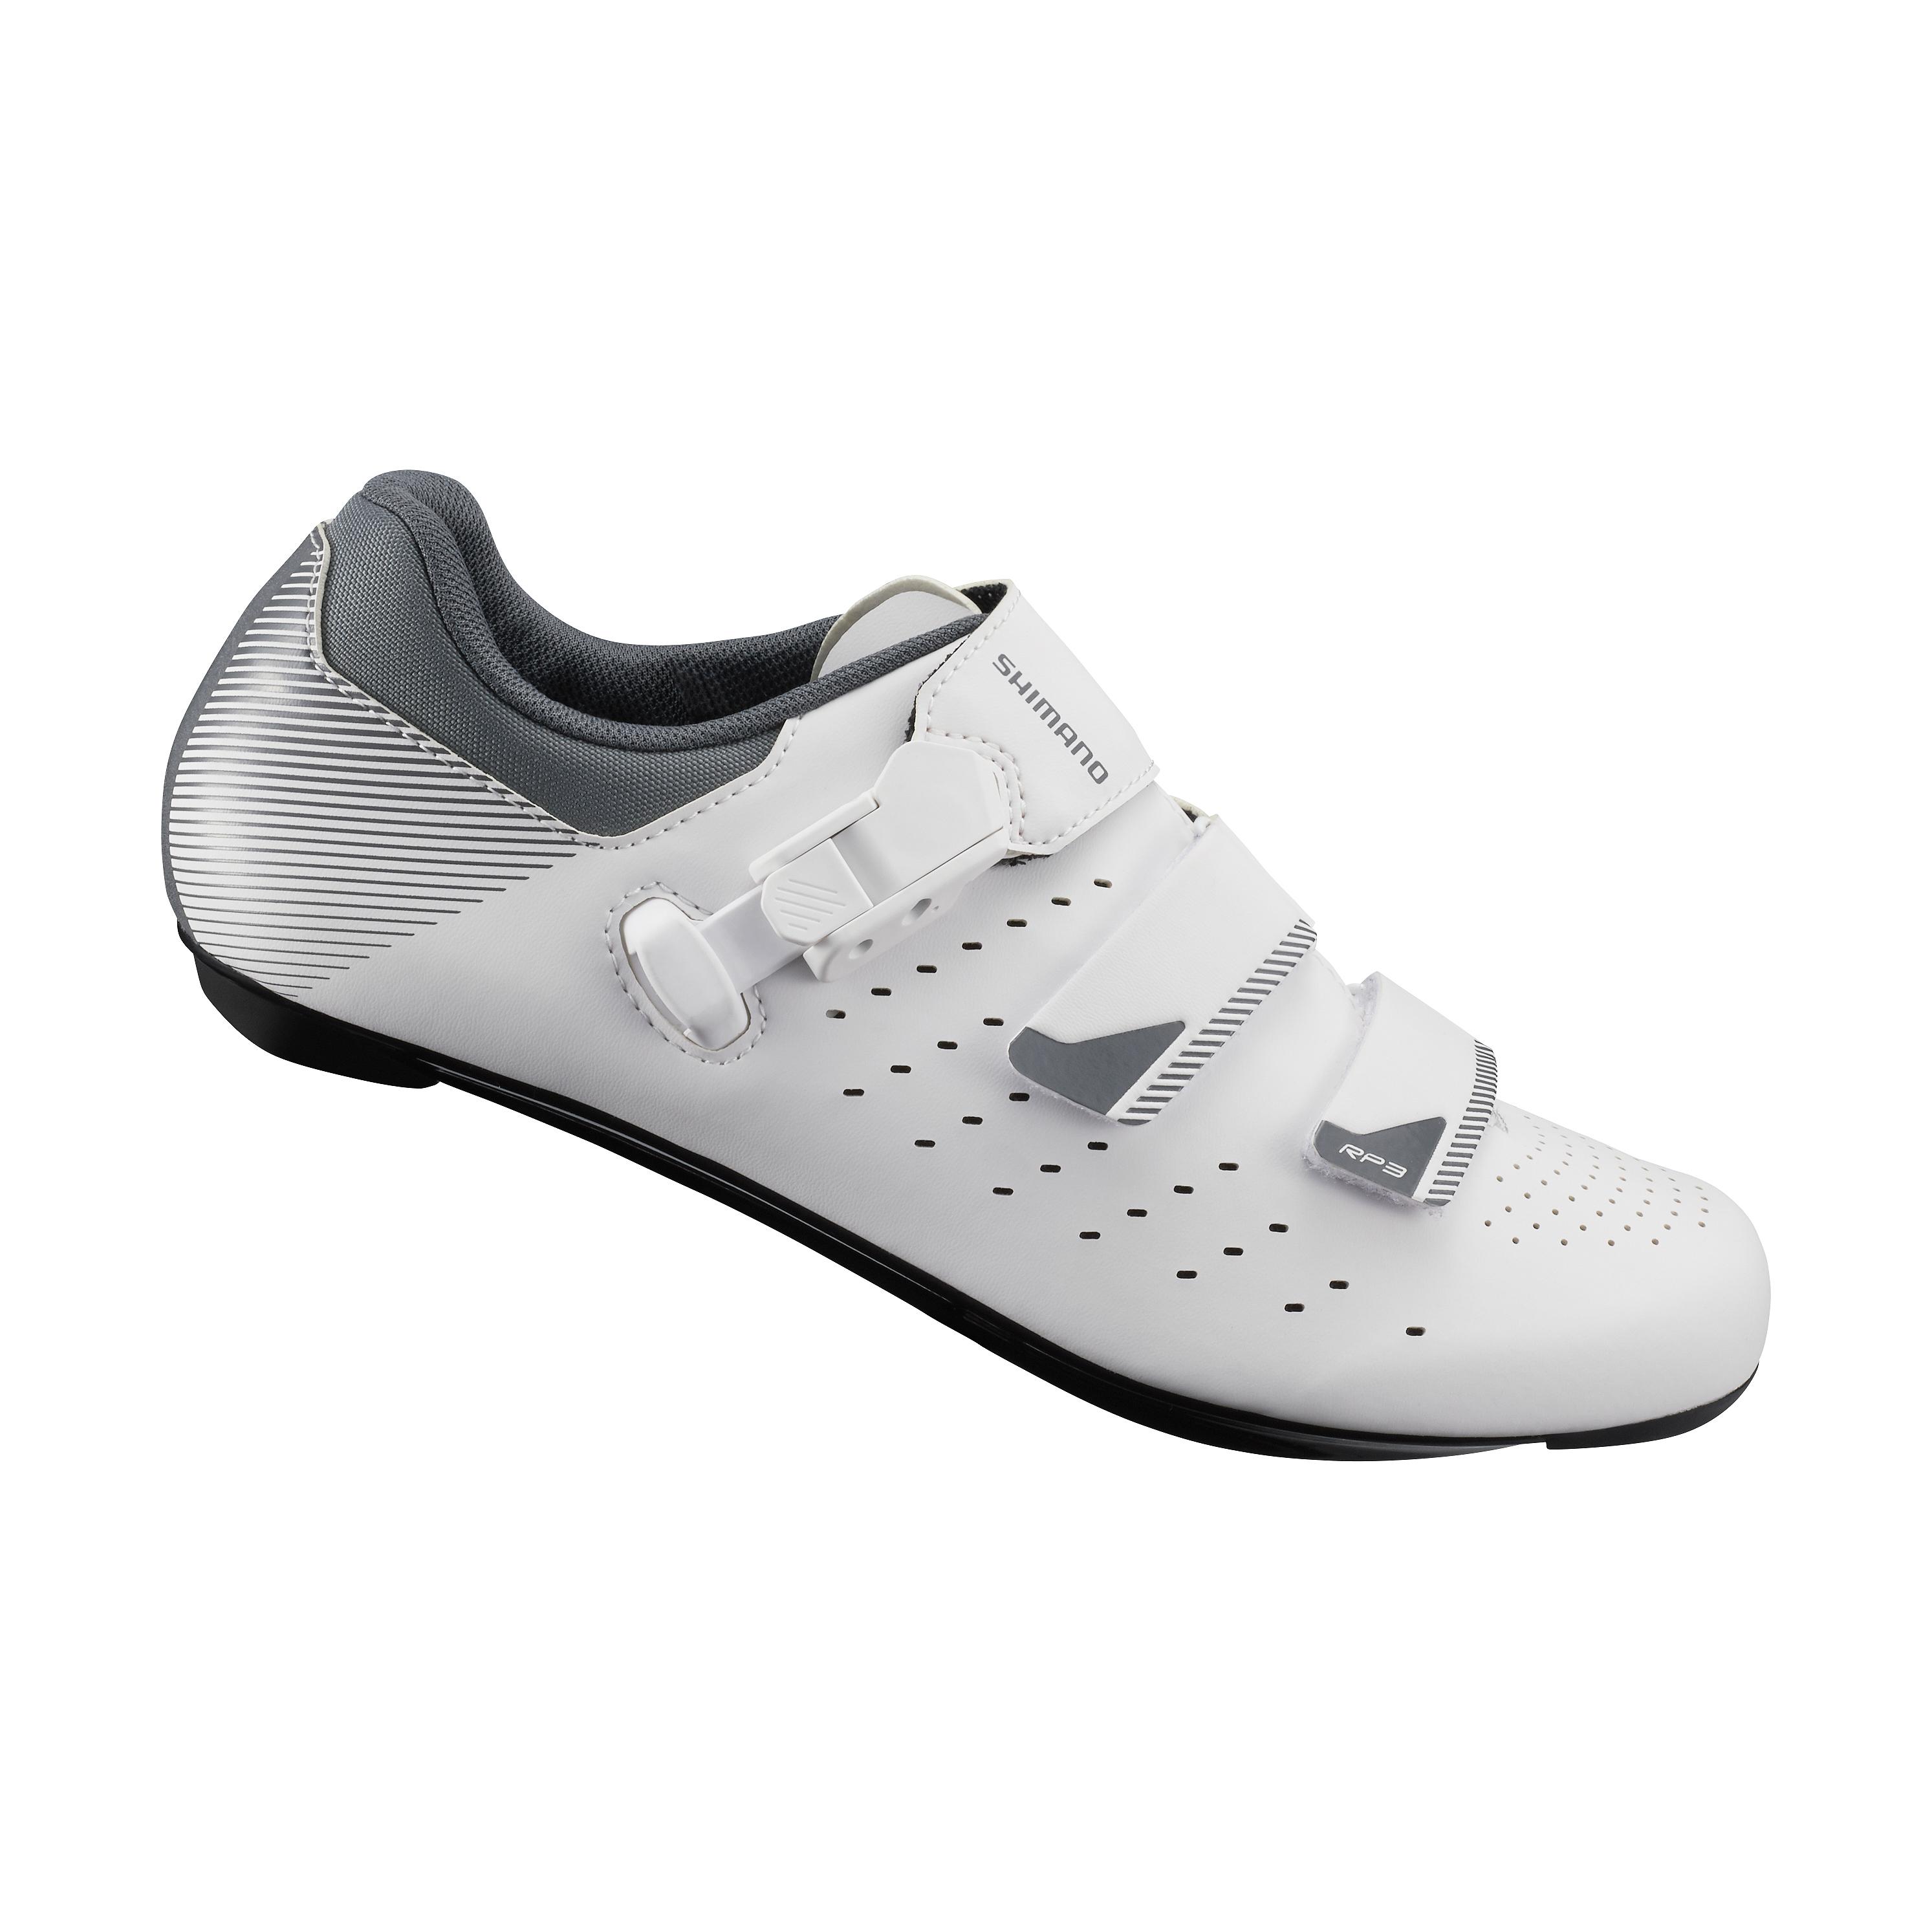 SHIMANO silniční obuv SH-RP301MW, bílá, 40